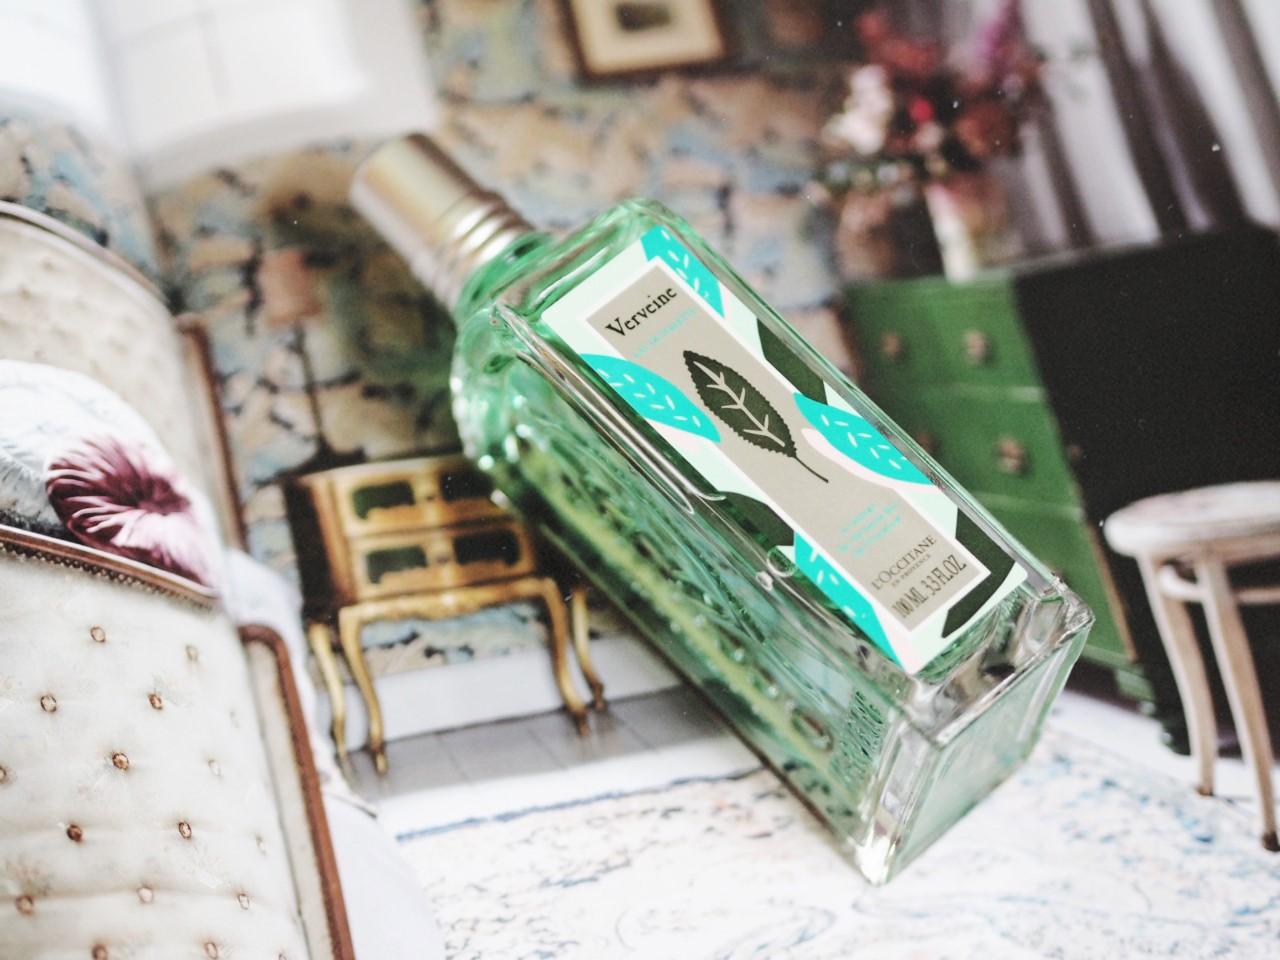 Perfume Review: L'Occitane 'Limited Edition Verbena' Eau de Toilette